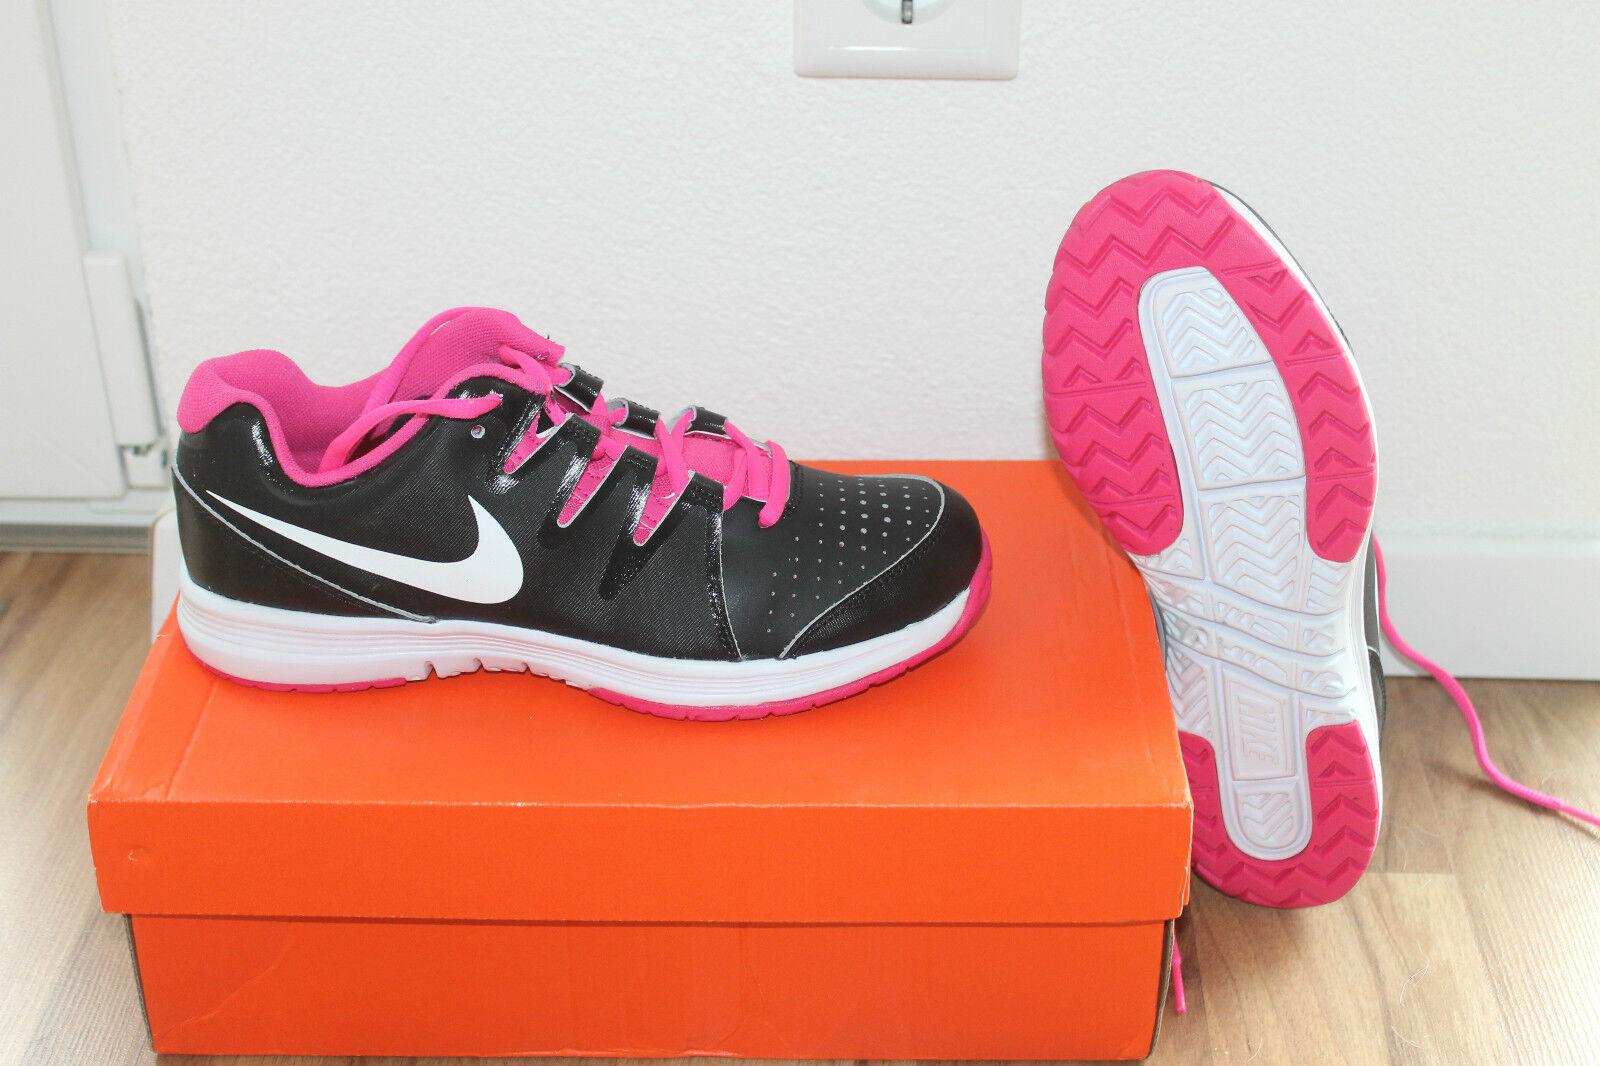 NIKE Vapor Court Donna da tennis sportive numero di scarpa 38,5 NUOVE CON SCATOLA